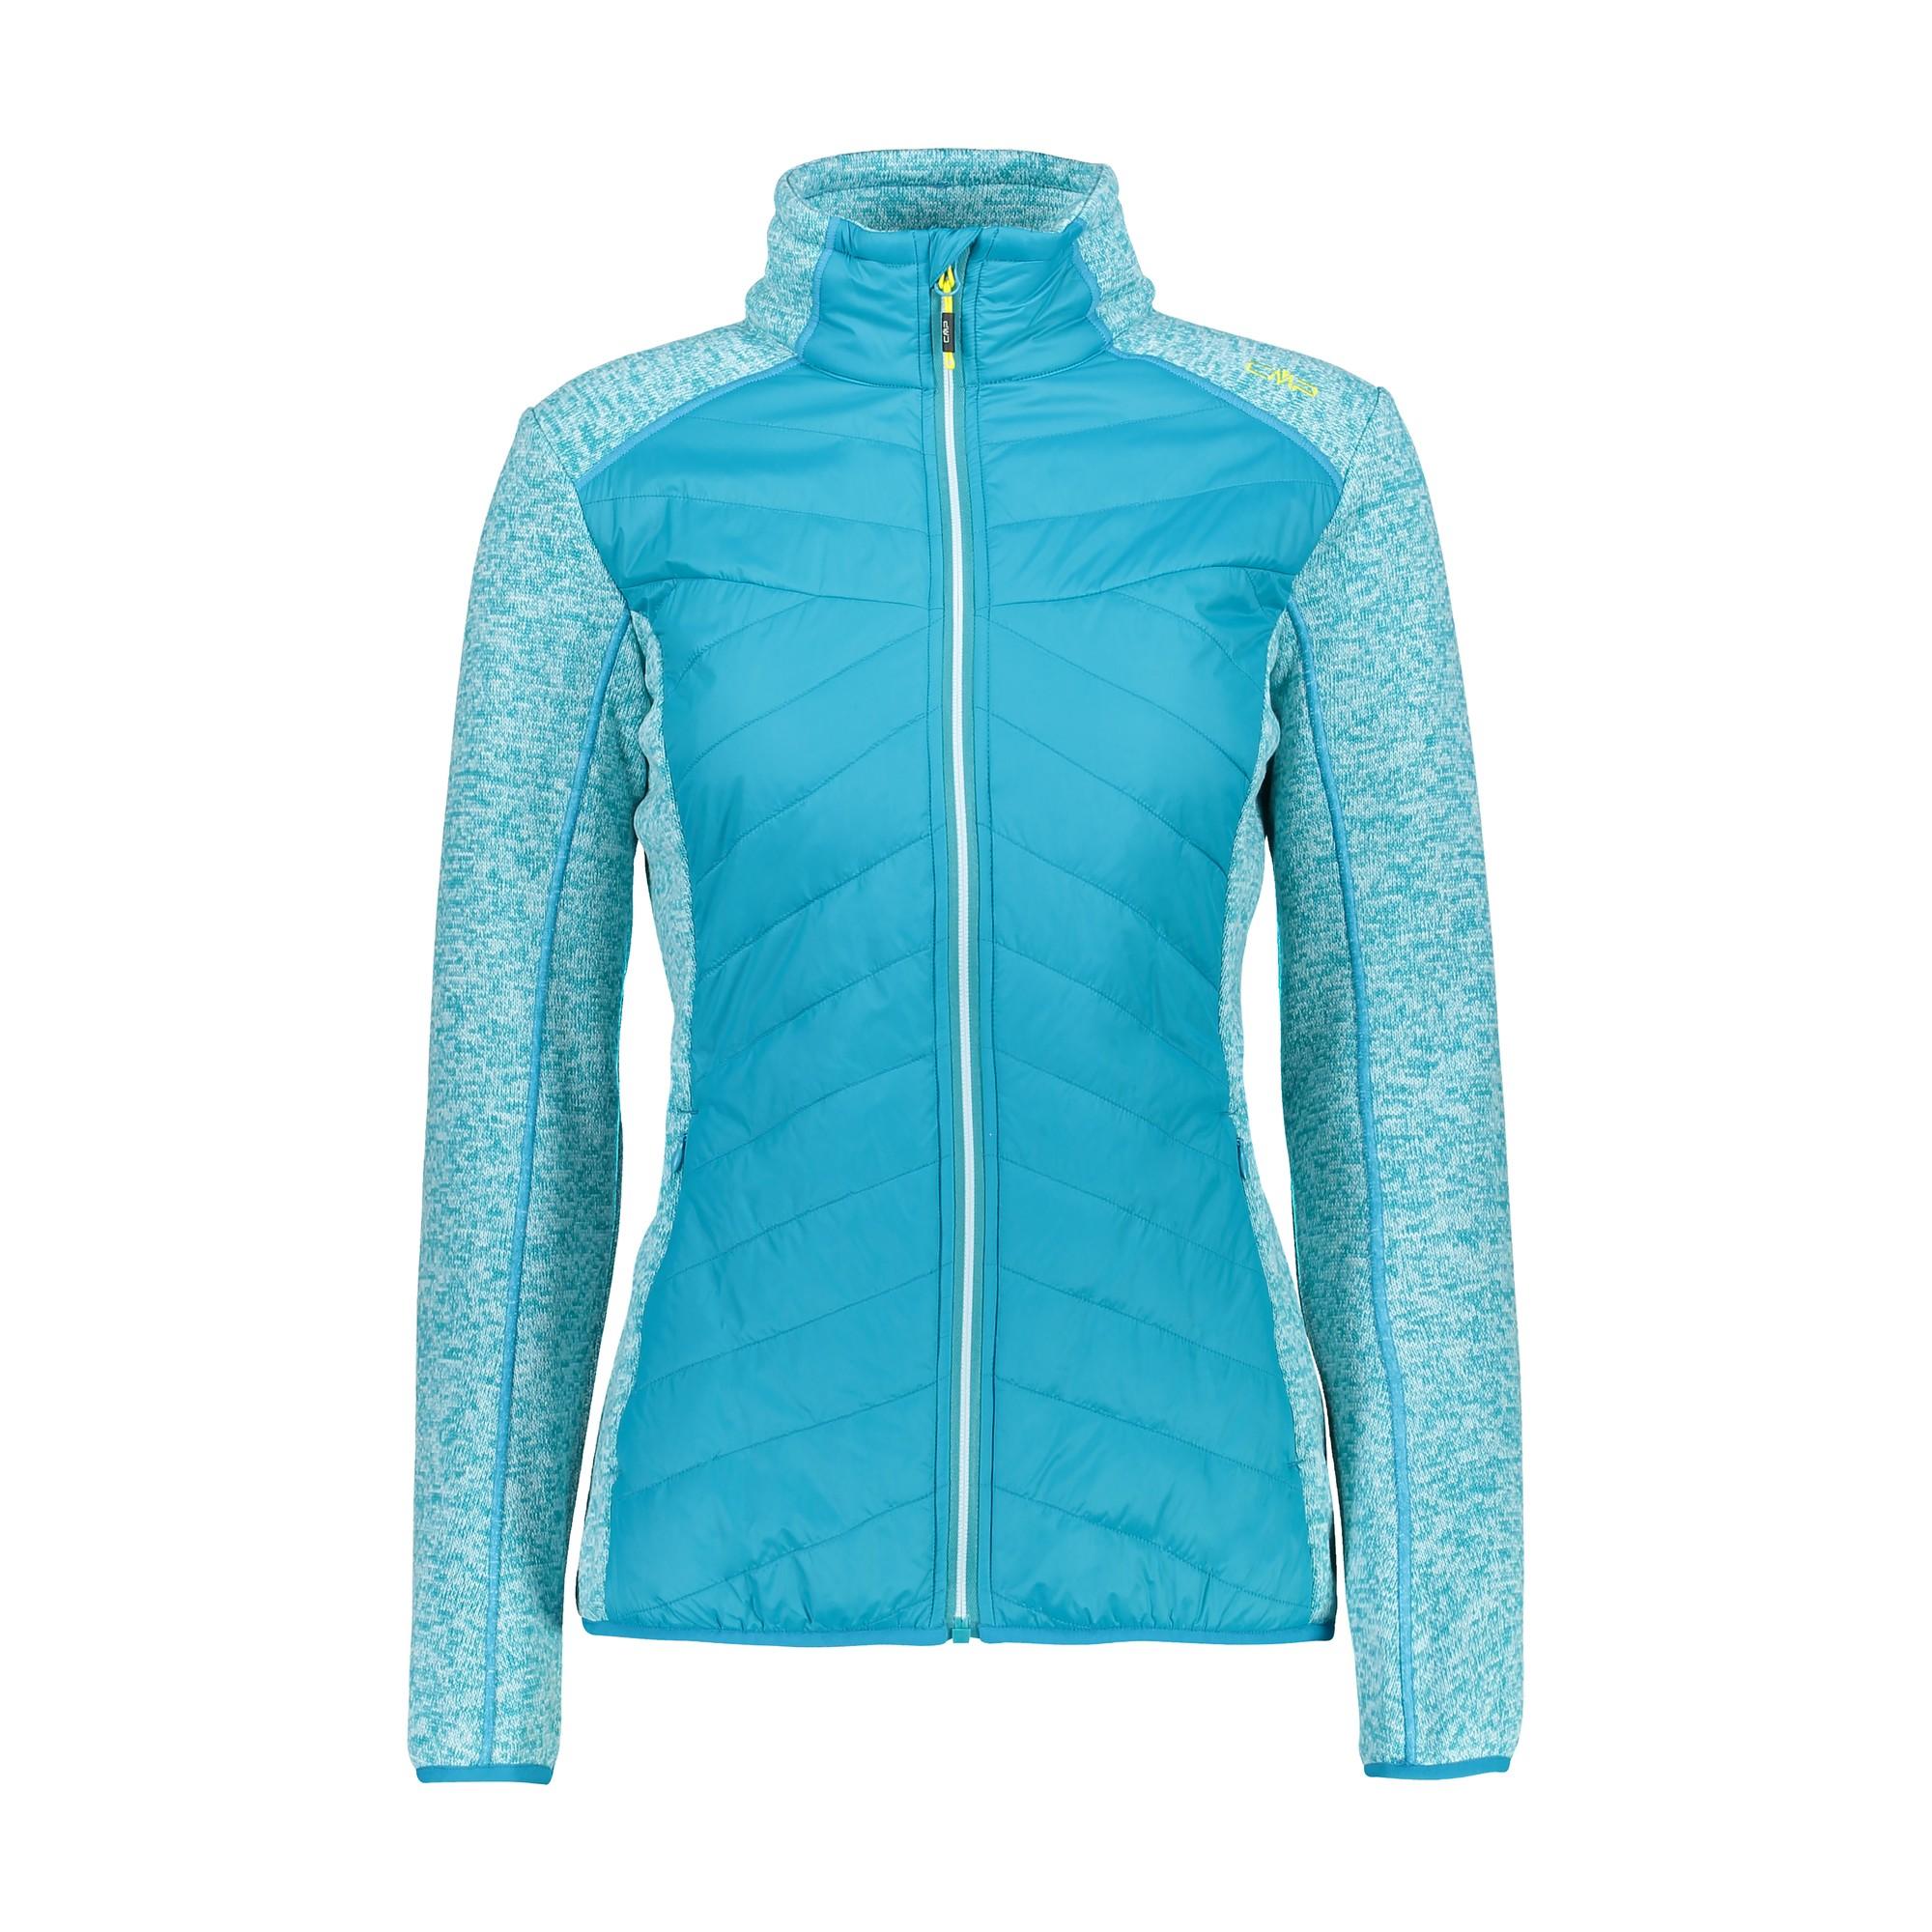 CMP Fleecejacke Funktionsjacke Jacket blau Kapuze isolierend warm